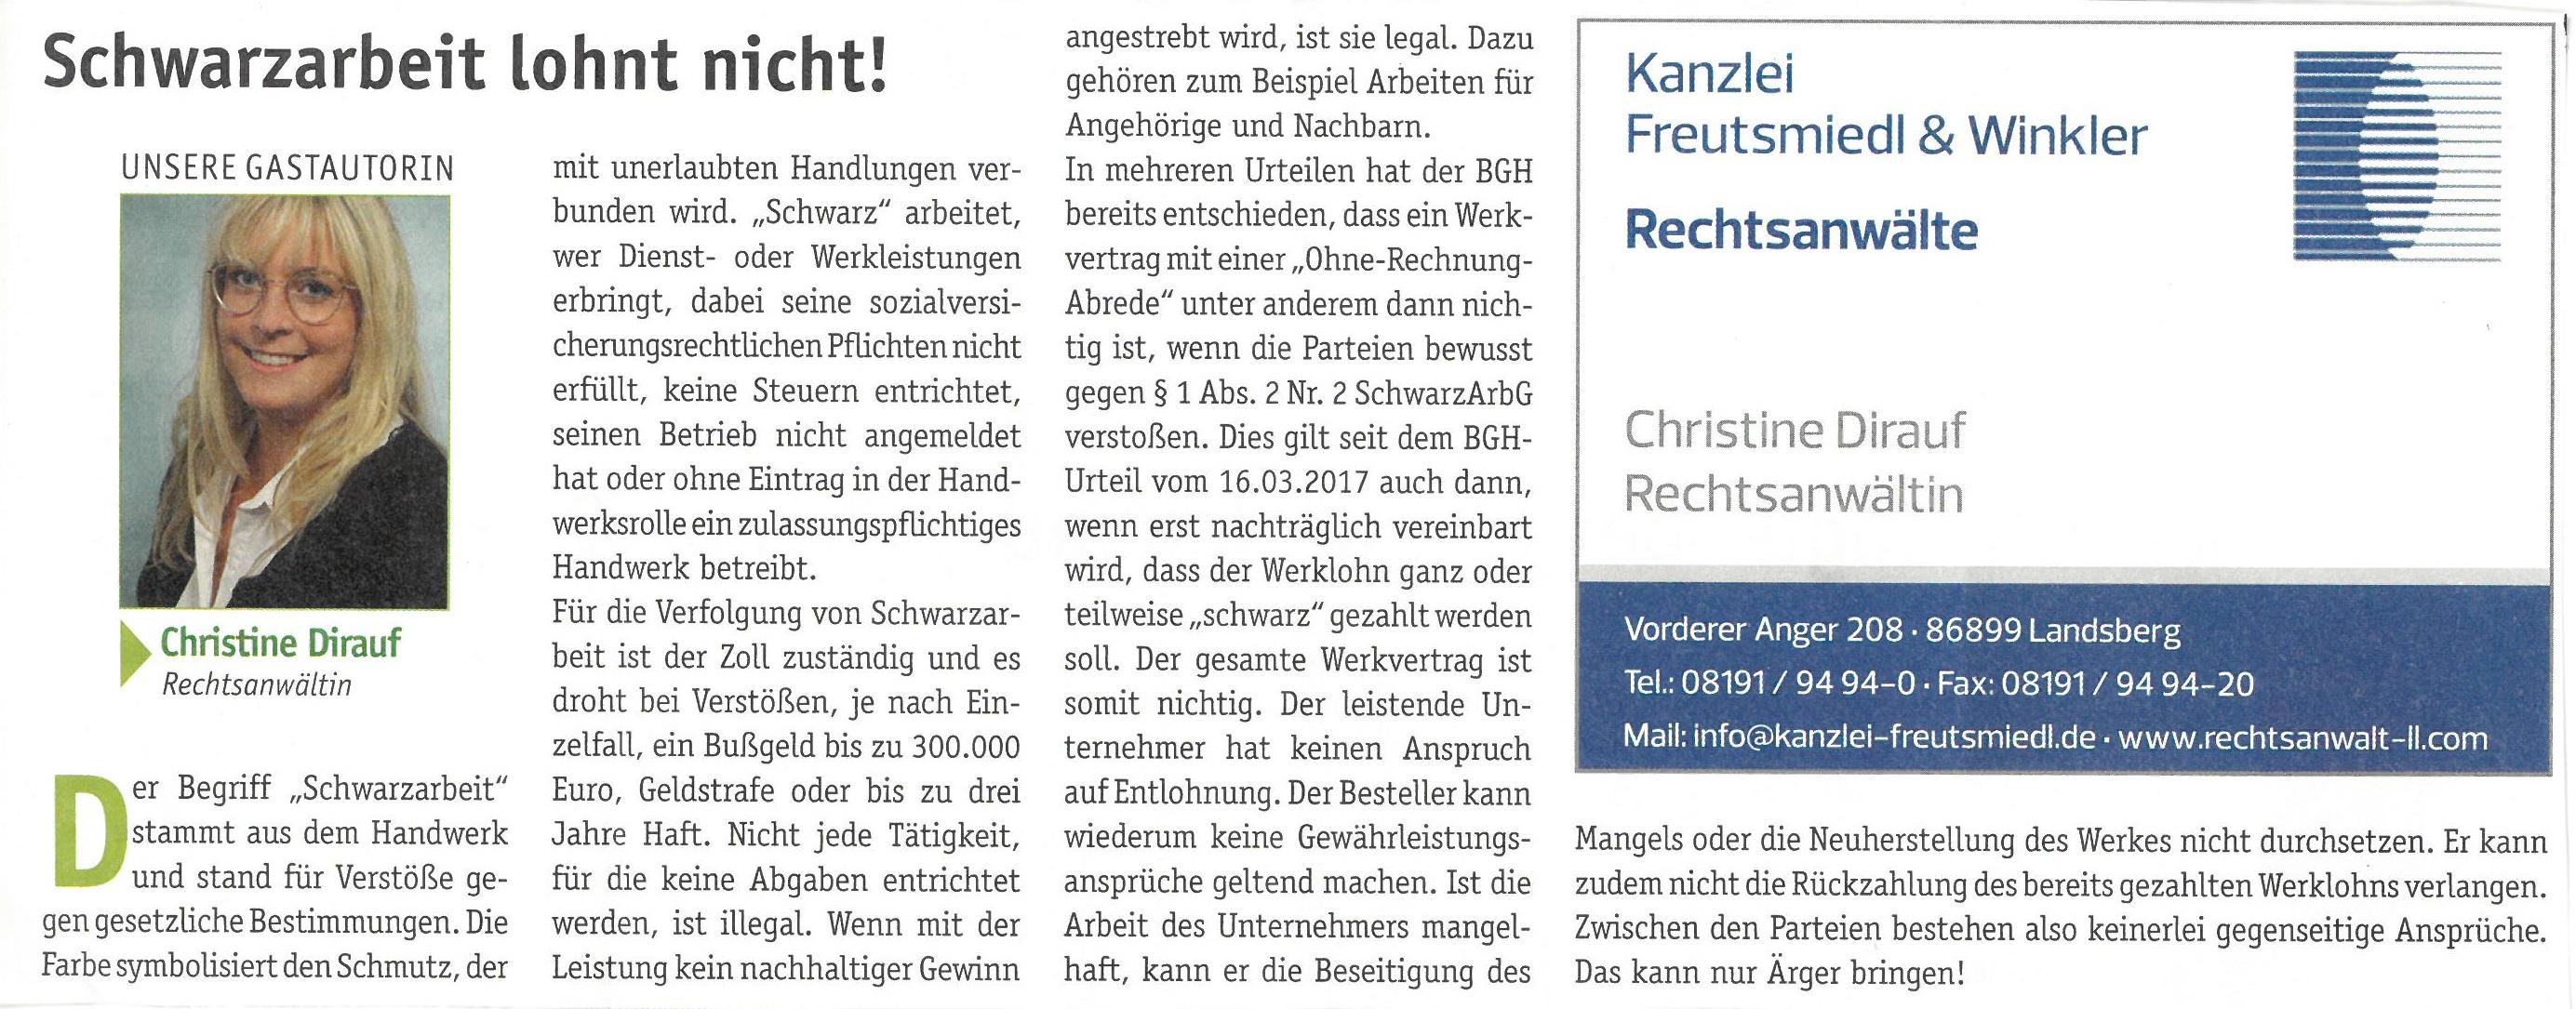 Landsberger Monatszeitung, 08/2018